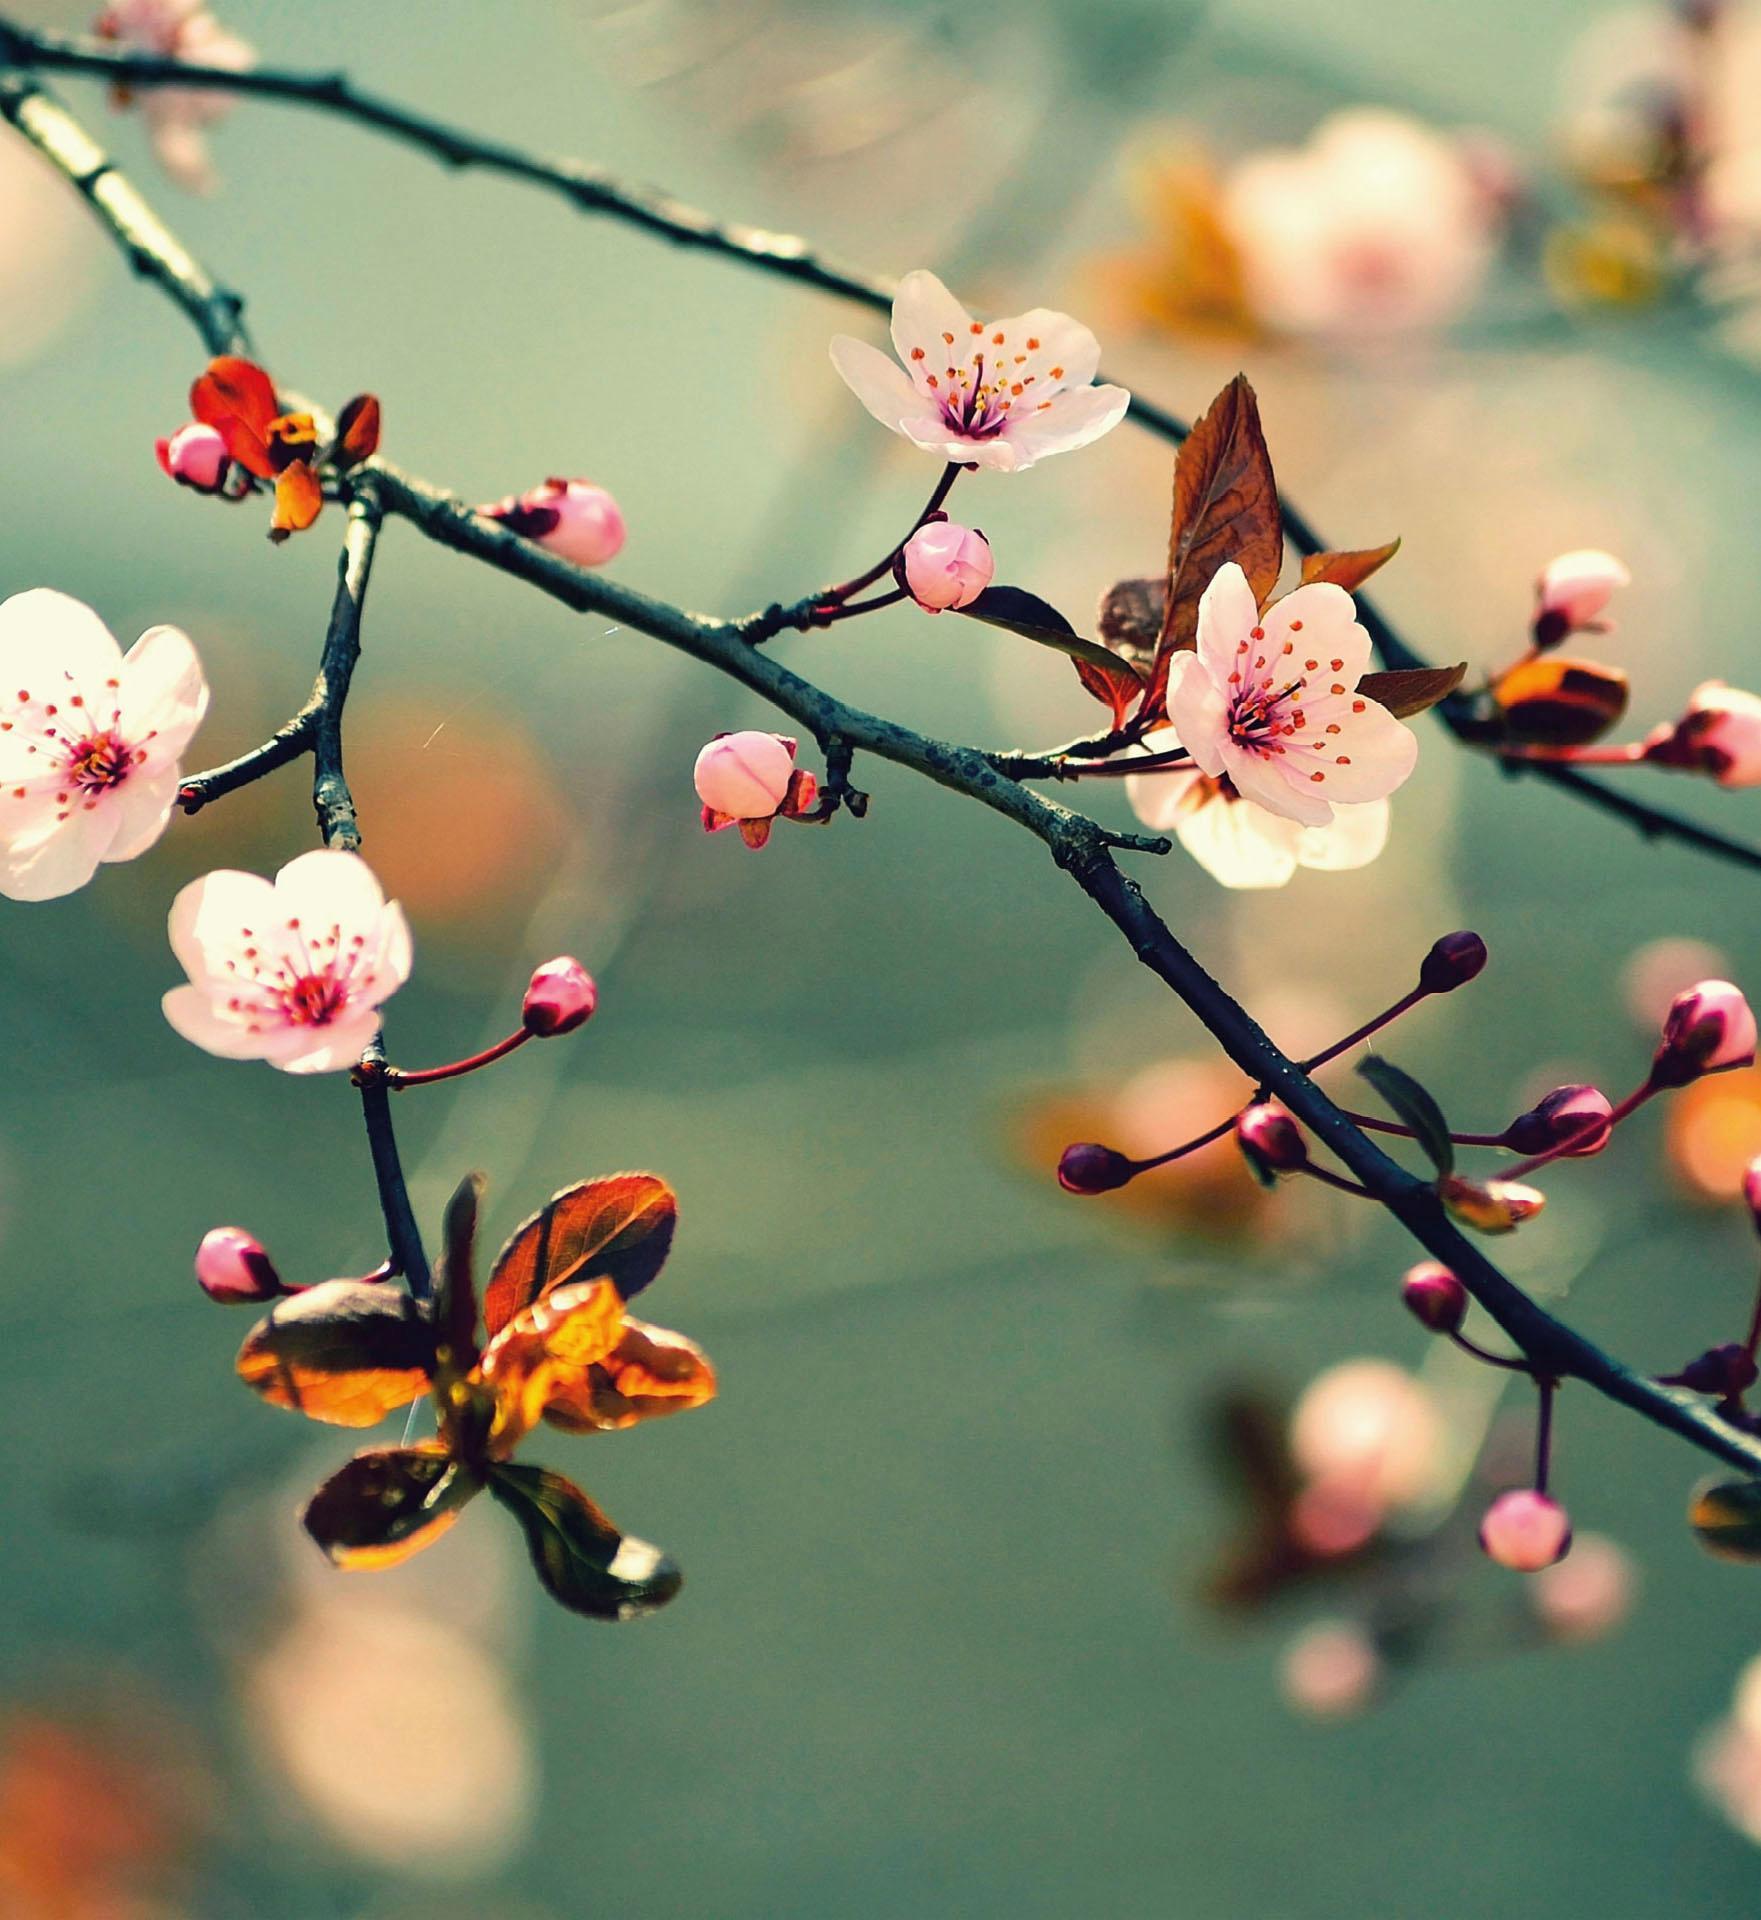 Fototapete Frühlingserwachen (farbig) Technik & Freizeit/Heimwerken & Garten/Bauen & Renovieren/Tapeten/Fototapeten/Fototapeten Blumen